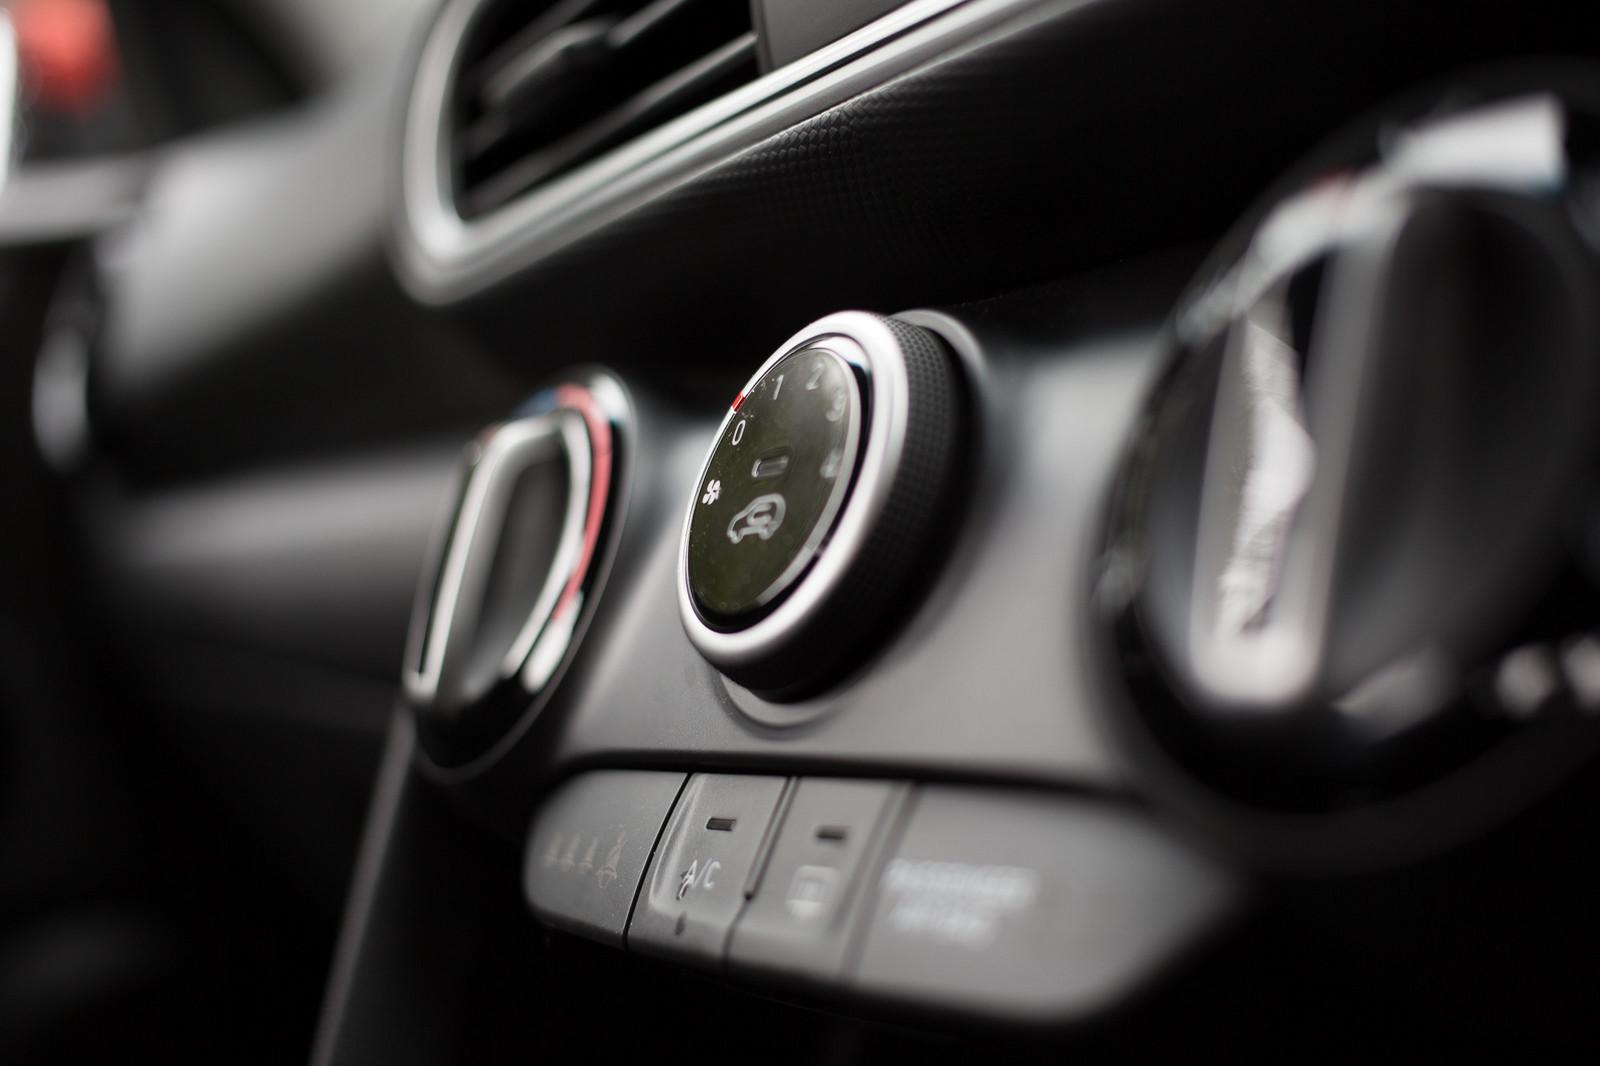 Cómo usar correctamente la calefacción del coche